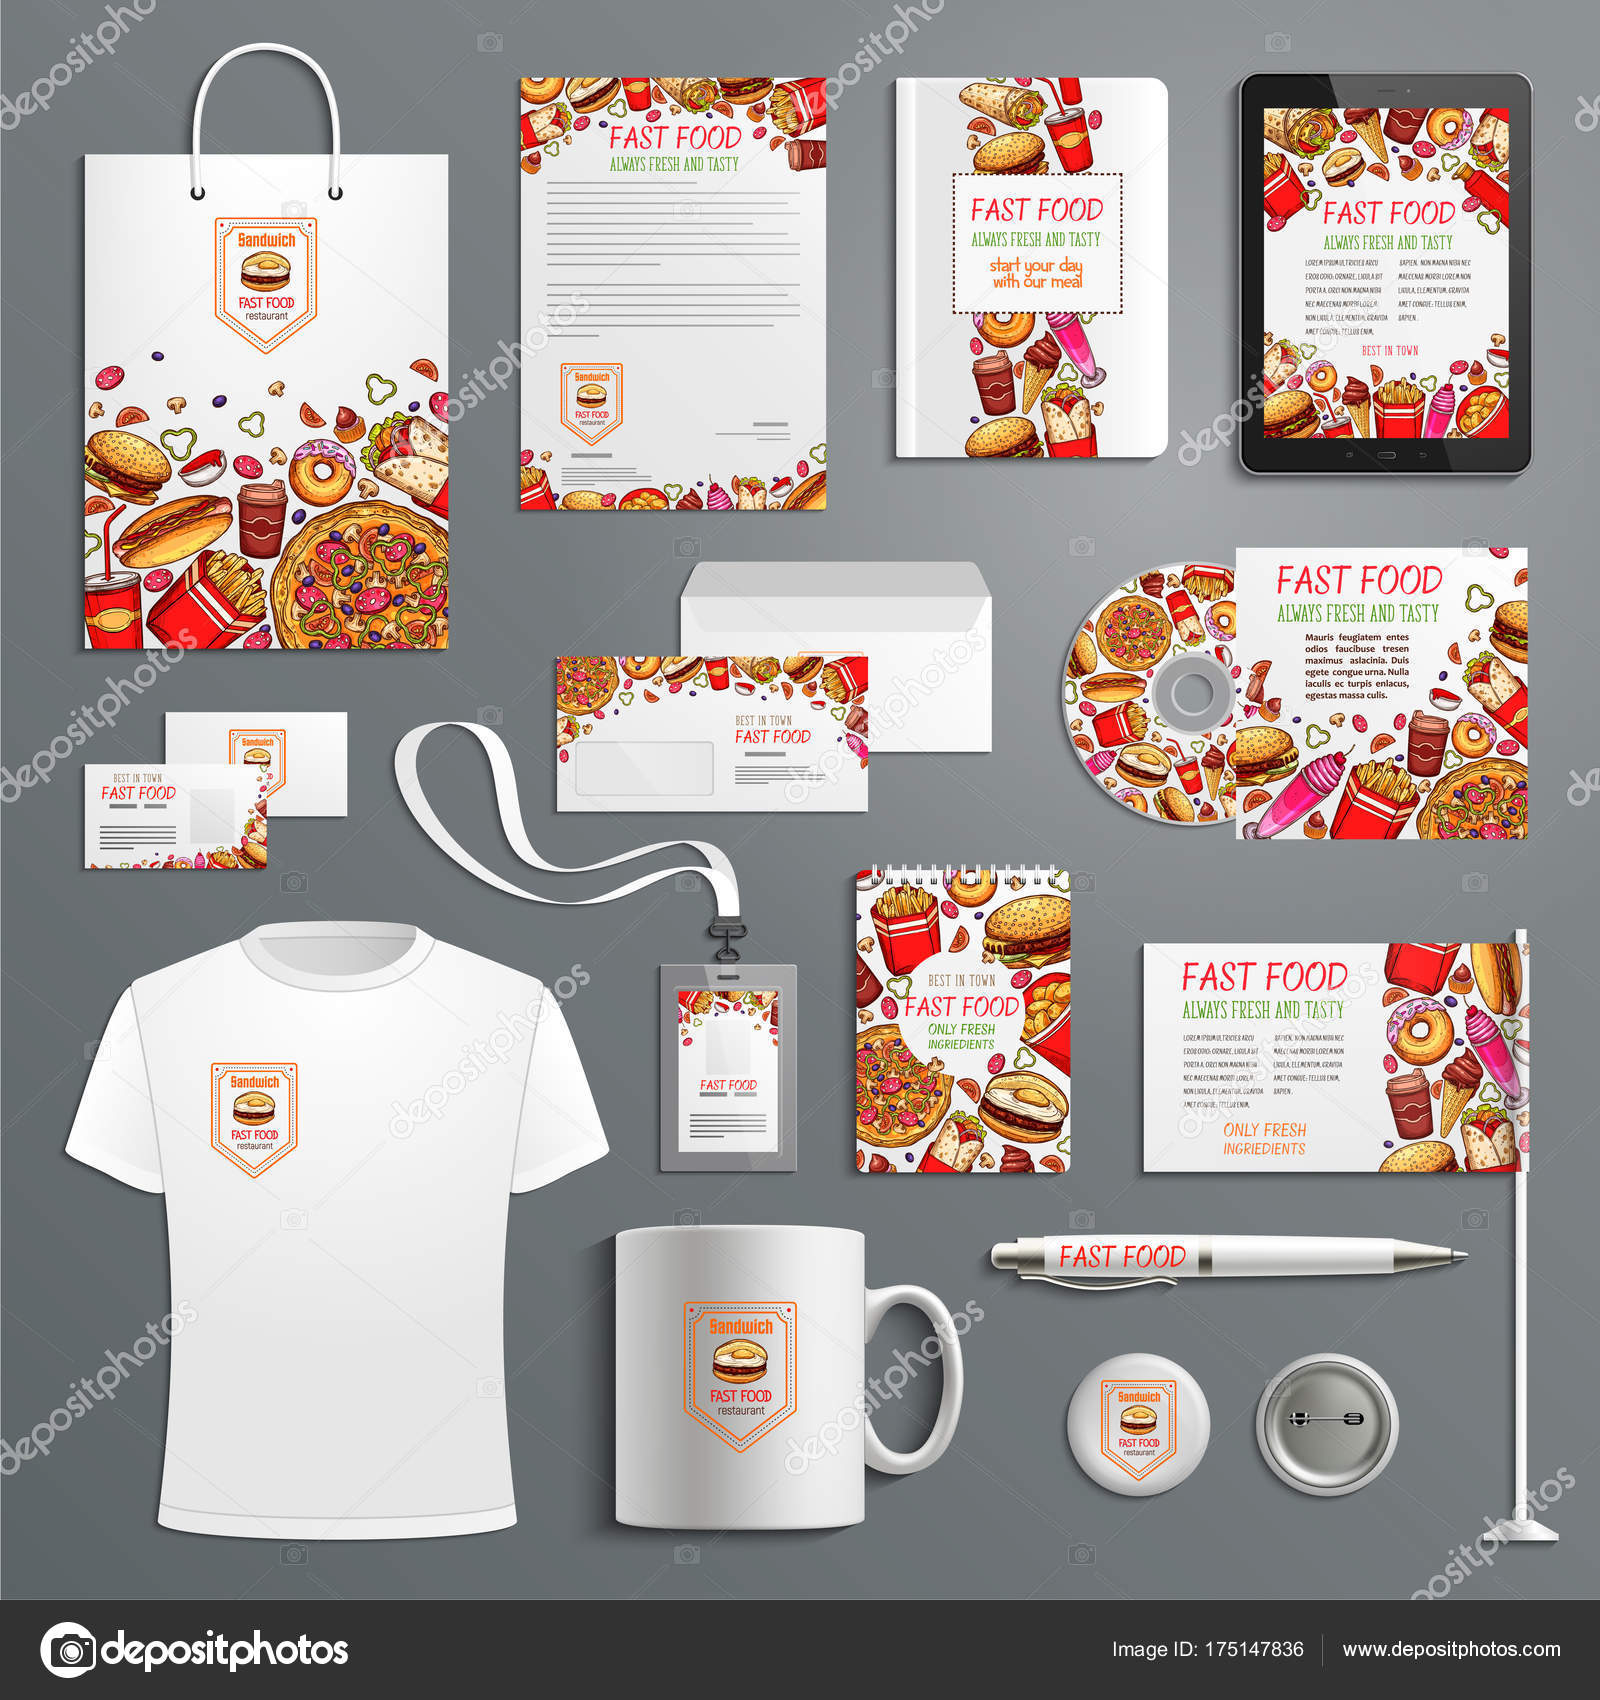 Fast food étterem és gyorsétterem hamburgerek reklám promóciós elemek  sablon a cég márkajelzésével van ellátva. Vektor márkás ruházati és irodai  papíráru ... be9a725434